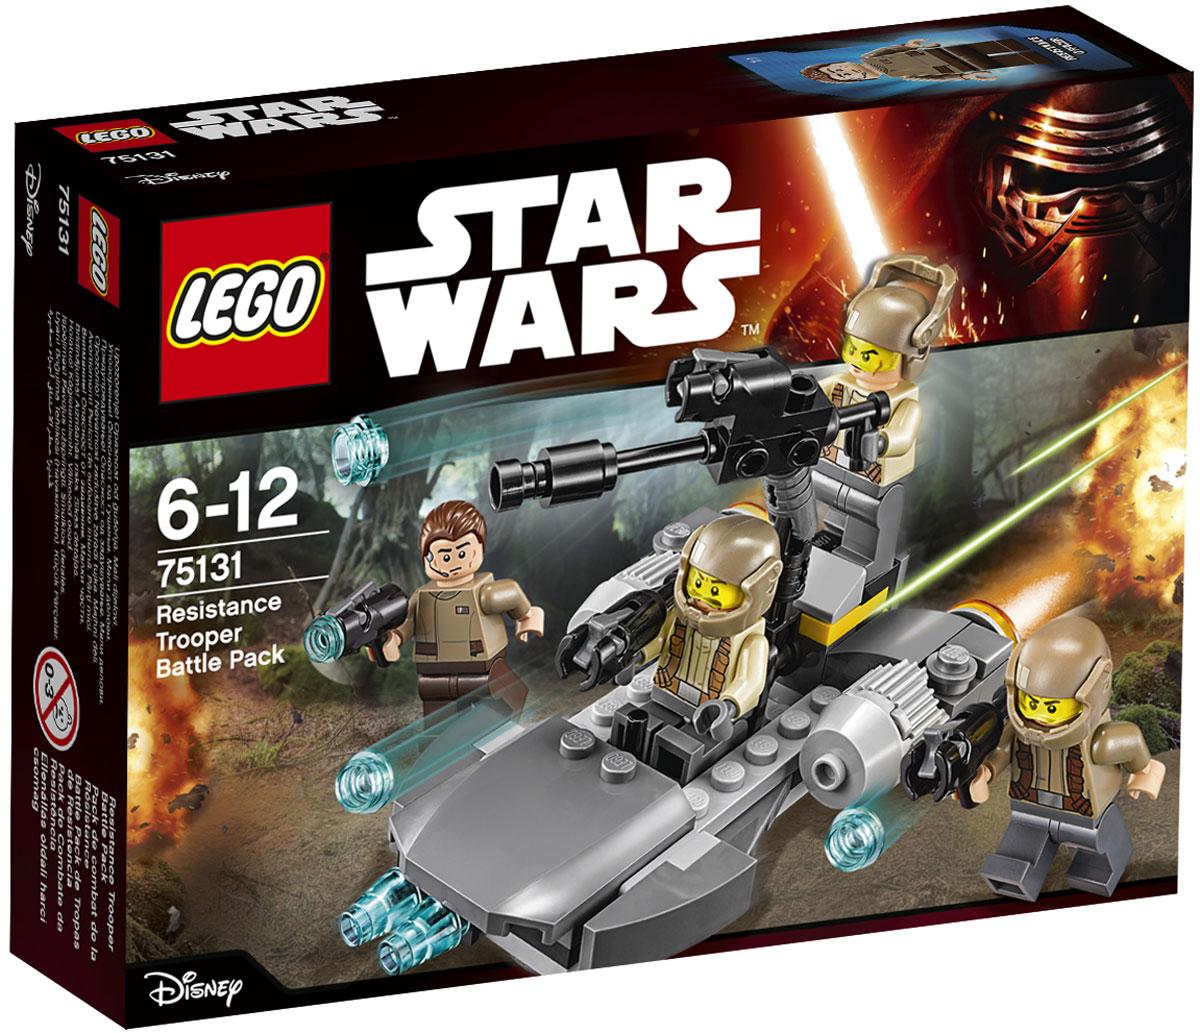 LEGO Star Wars Конструктор Боевой набор Сопротивления 7513175131Конструктор Lego Star Wars Боевой набор Сопротивления приведет в восторг любого поклонника знаменитой космической саги Звездные войны. Конструктор содержит 112 пластиковых элементов, с помощью которых вы сможете собрать оригинальную боевую машину из вселенной Звездных войн. Поблизости обнаружены и должны быть перехвачены силы Первого Ордена. Размести отряд Сопротивления на спидере, заряди пушку и отправляйся на задание, чтобы найти их! Все элементы набора выполнены из прочного безопасного пластика. Корабль и бластеры солдат стреляют небольшими снарядами, входящими в набор. Также в набор входит фигурка офицера Сопротивления и фигурки солдат. Игры с конструкторами помогут ребенку развить воображение, внимательность, пространственное мышление и творческие способности. Такой конструктор надолго займет внимание малыша и непременно станет его любимой игрушкой.